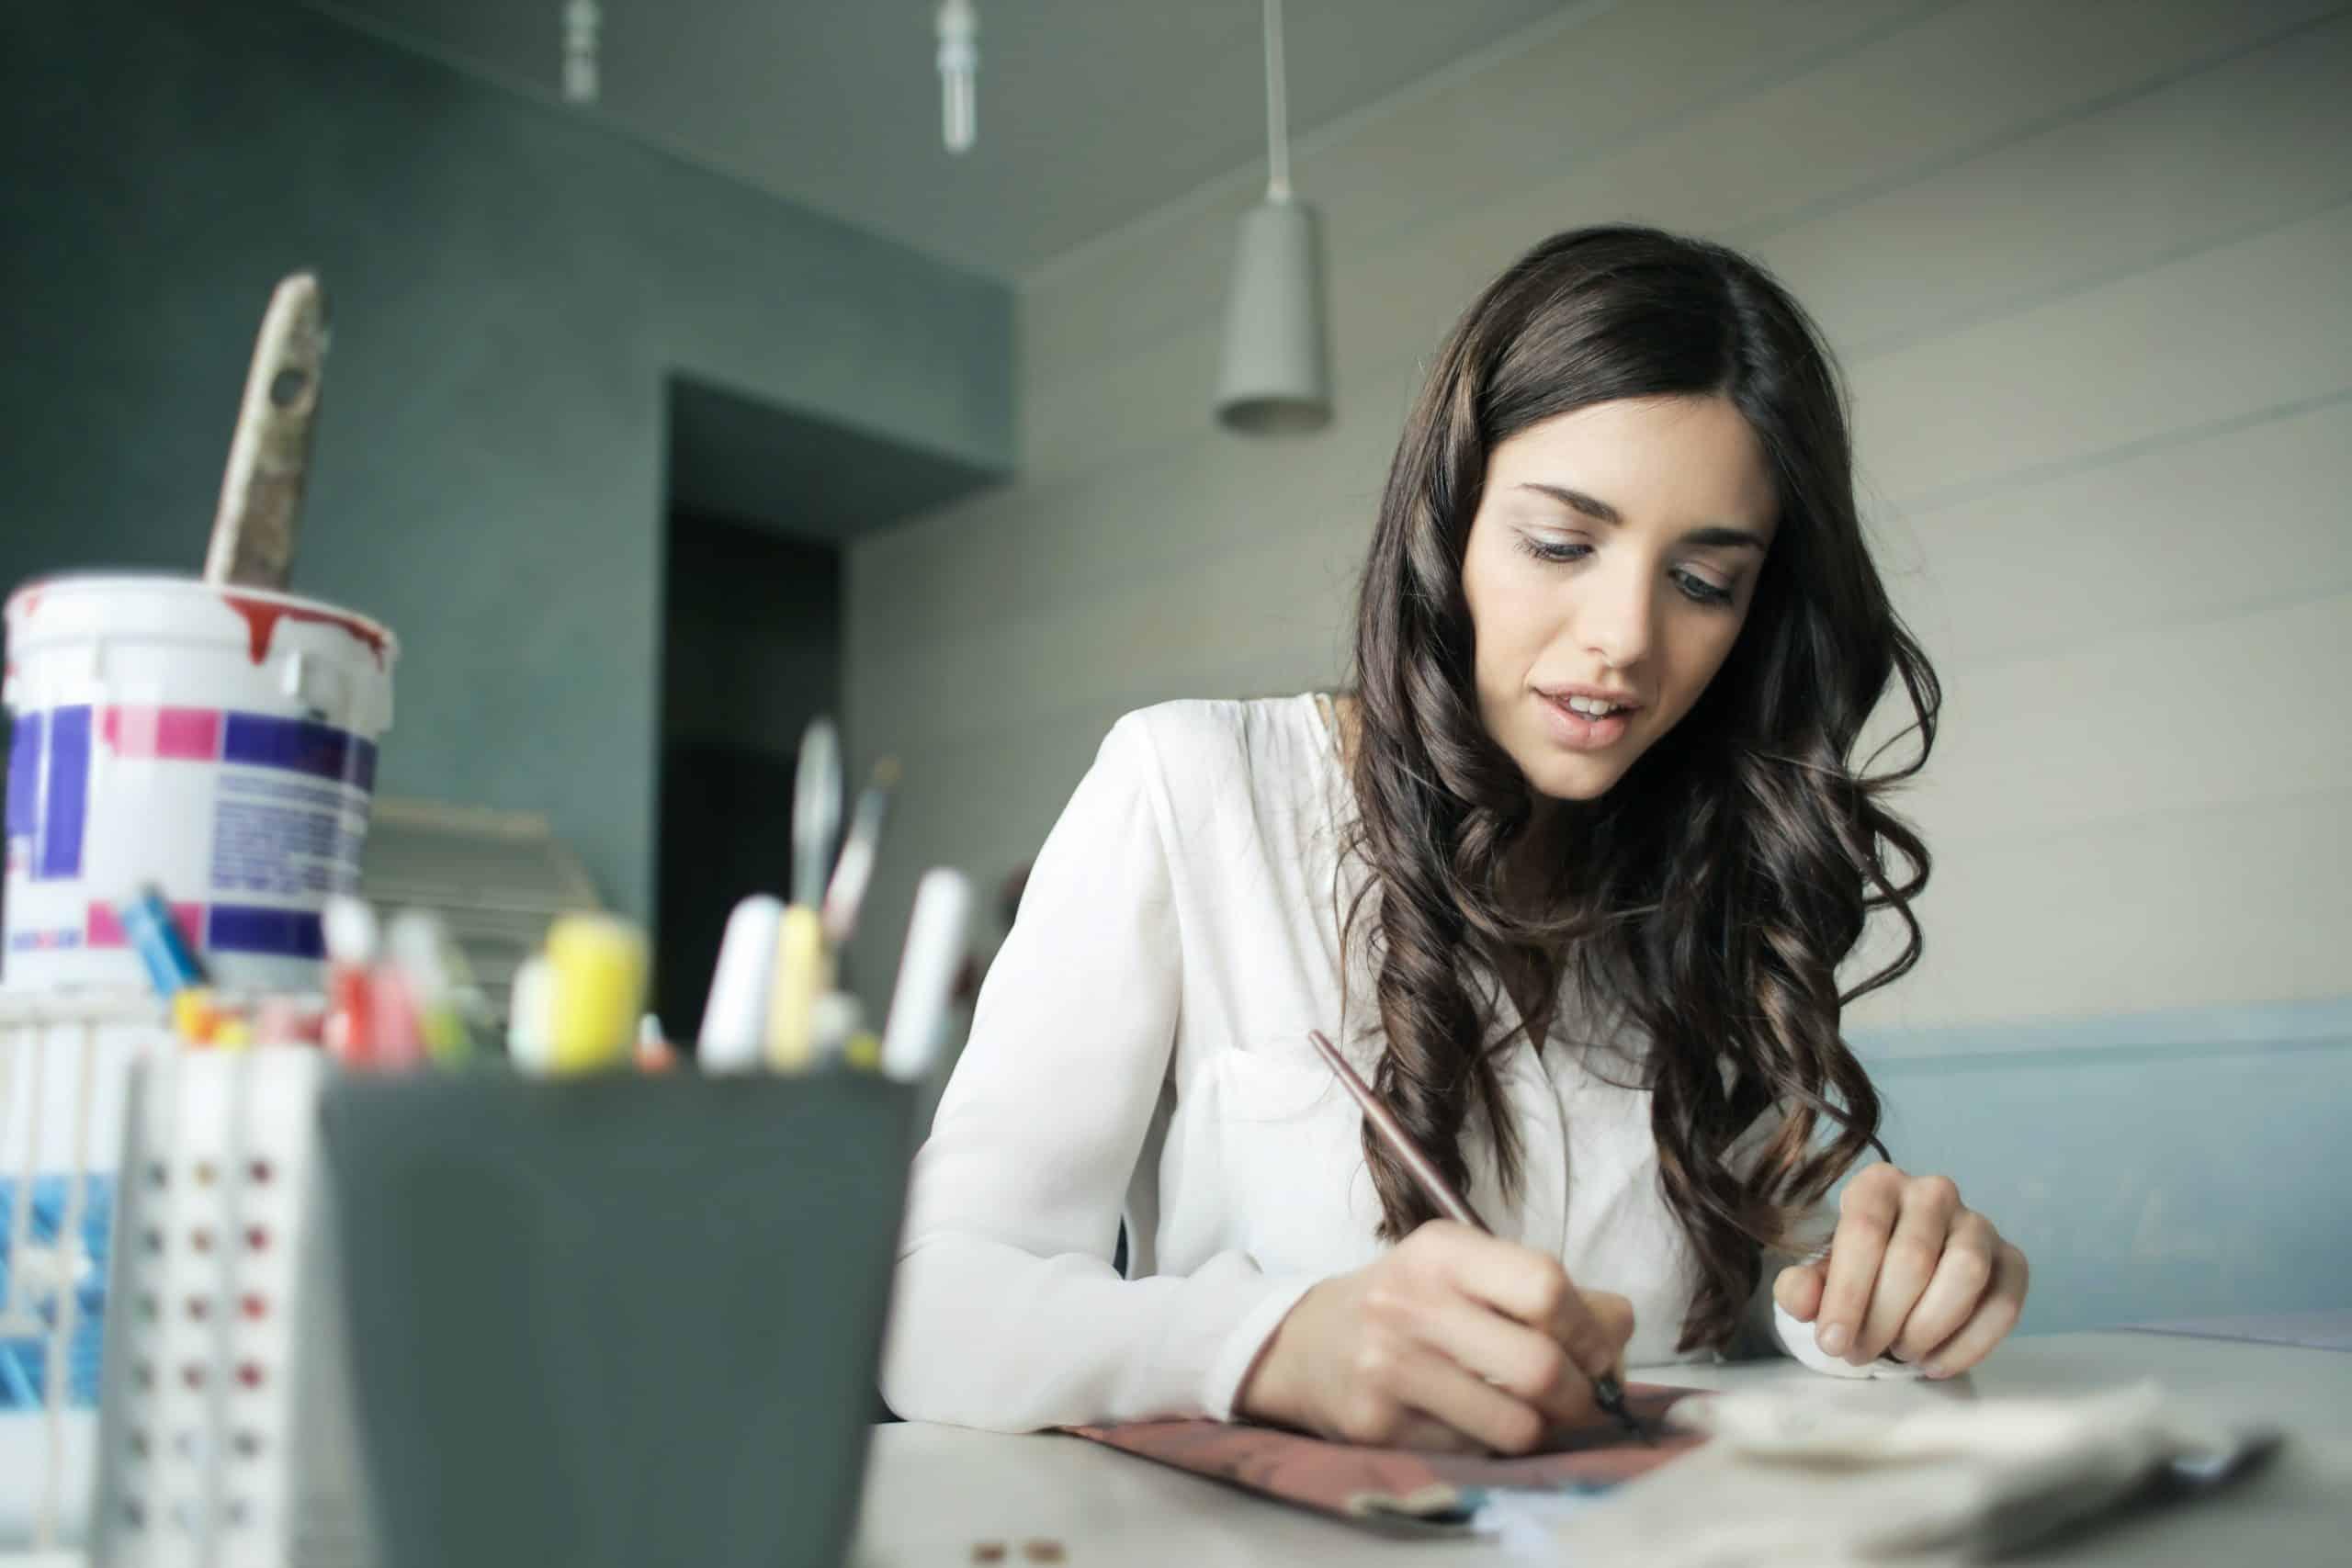 kvinna i vit skjorta skriver